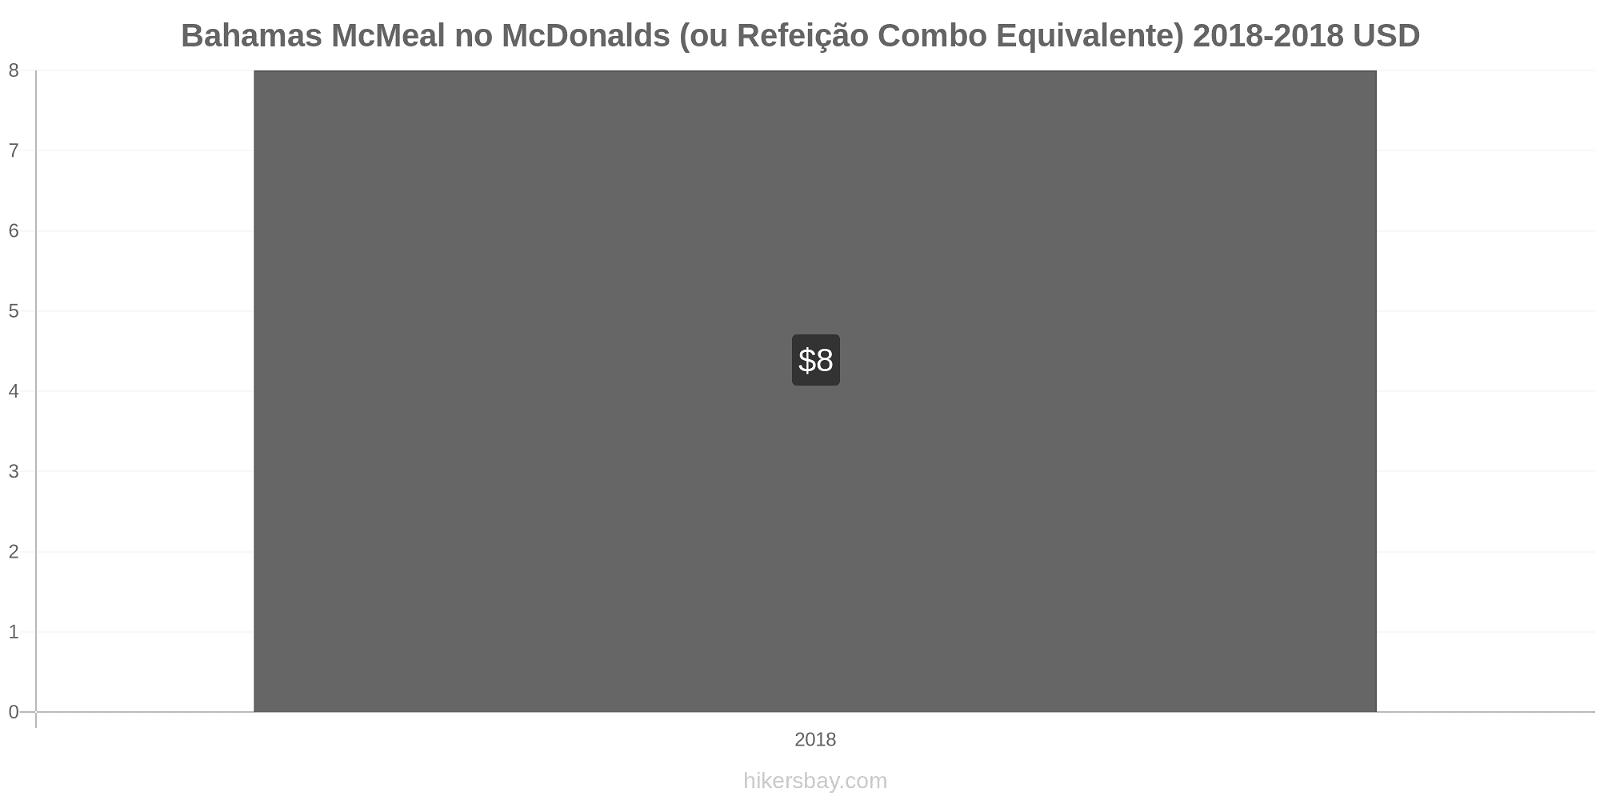 Bahamas variação de preço McMeal no McDonald ' s (ou refeição Combo equivalente) hikersbay.com